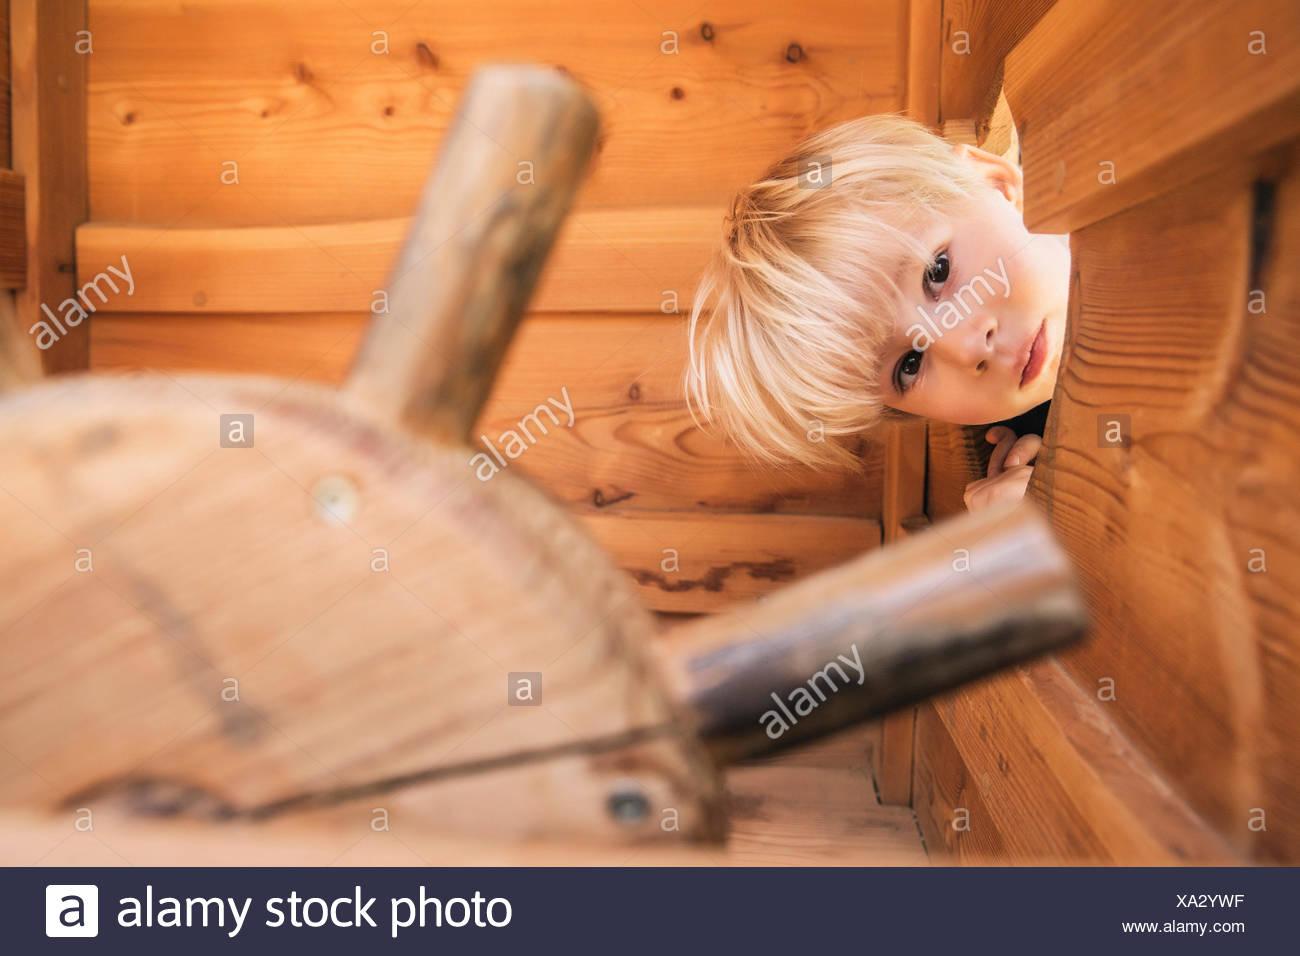 Petit garçon à travers l'orifice du bateau en bois sur l'aire de jeux Photo Stock